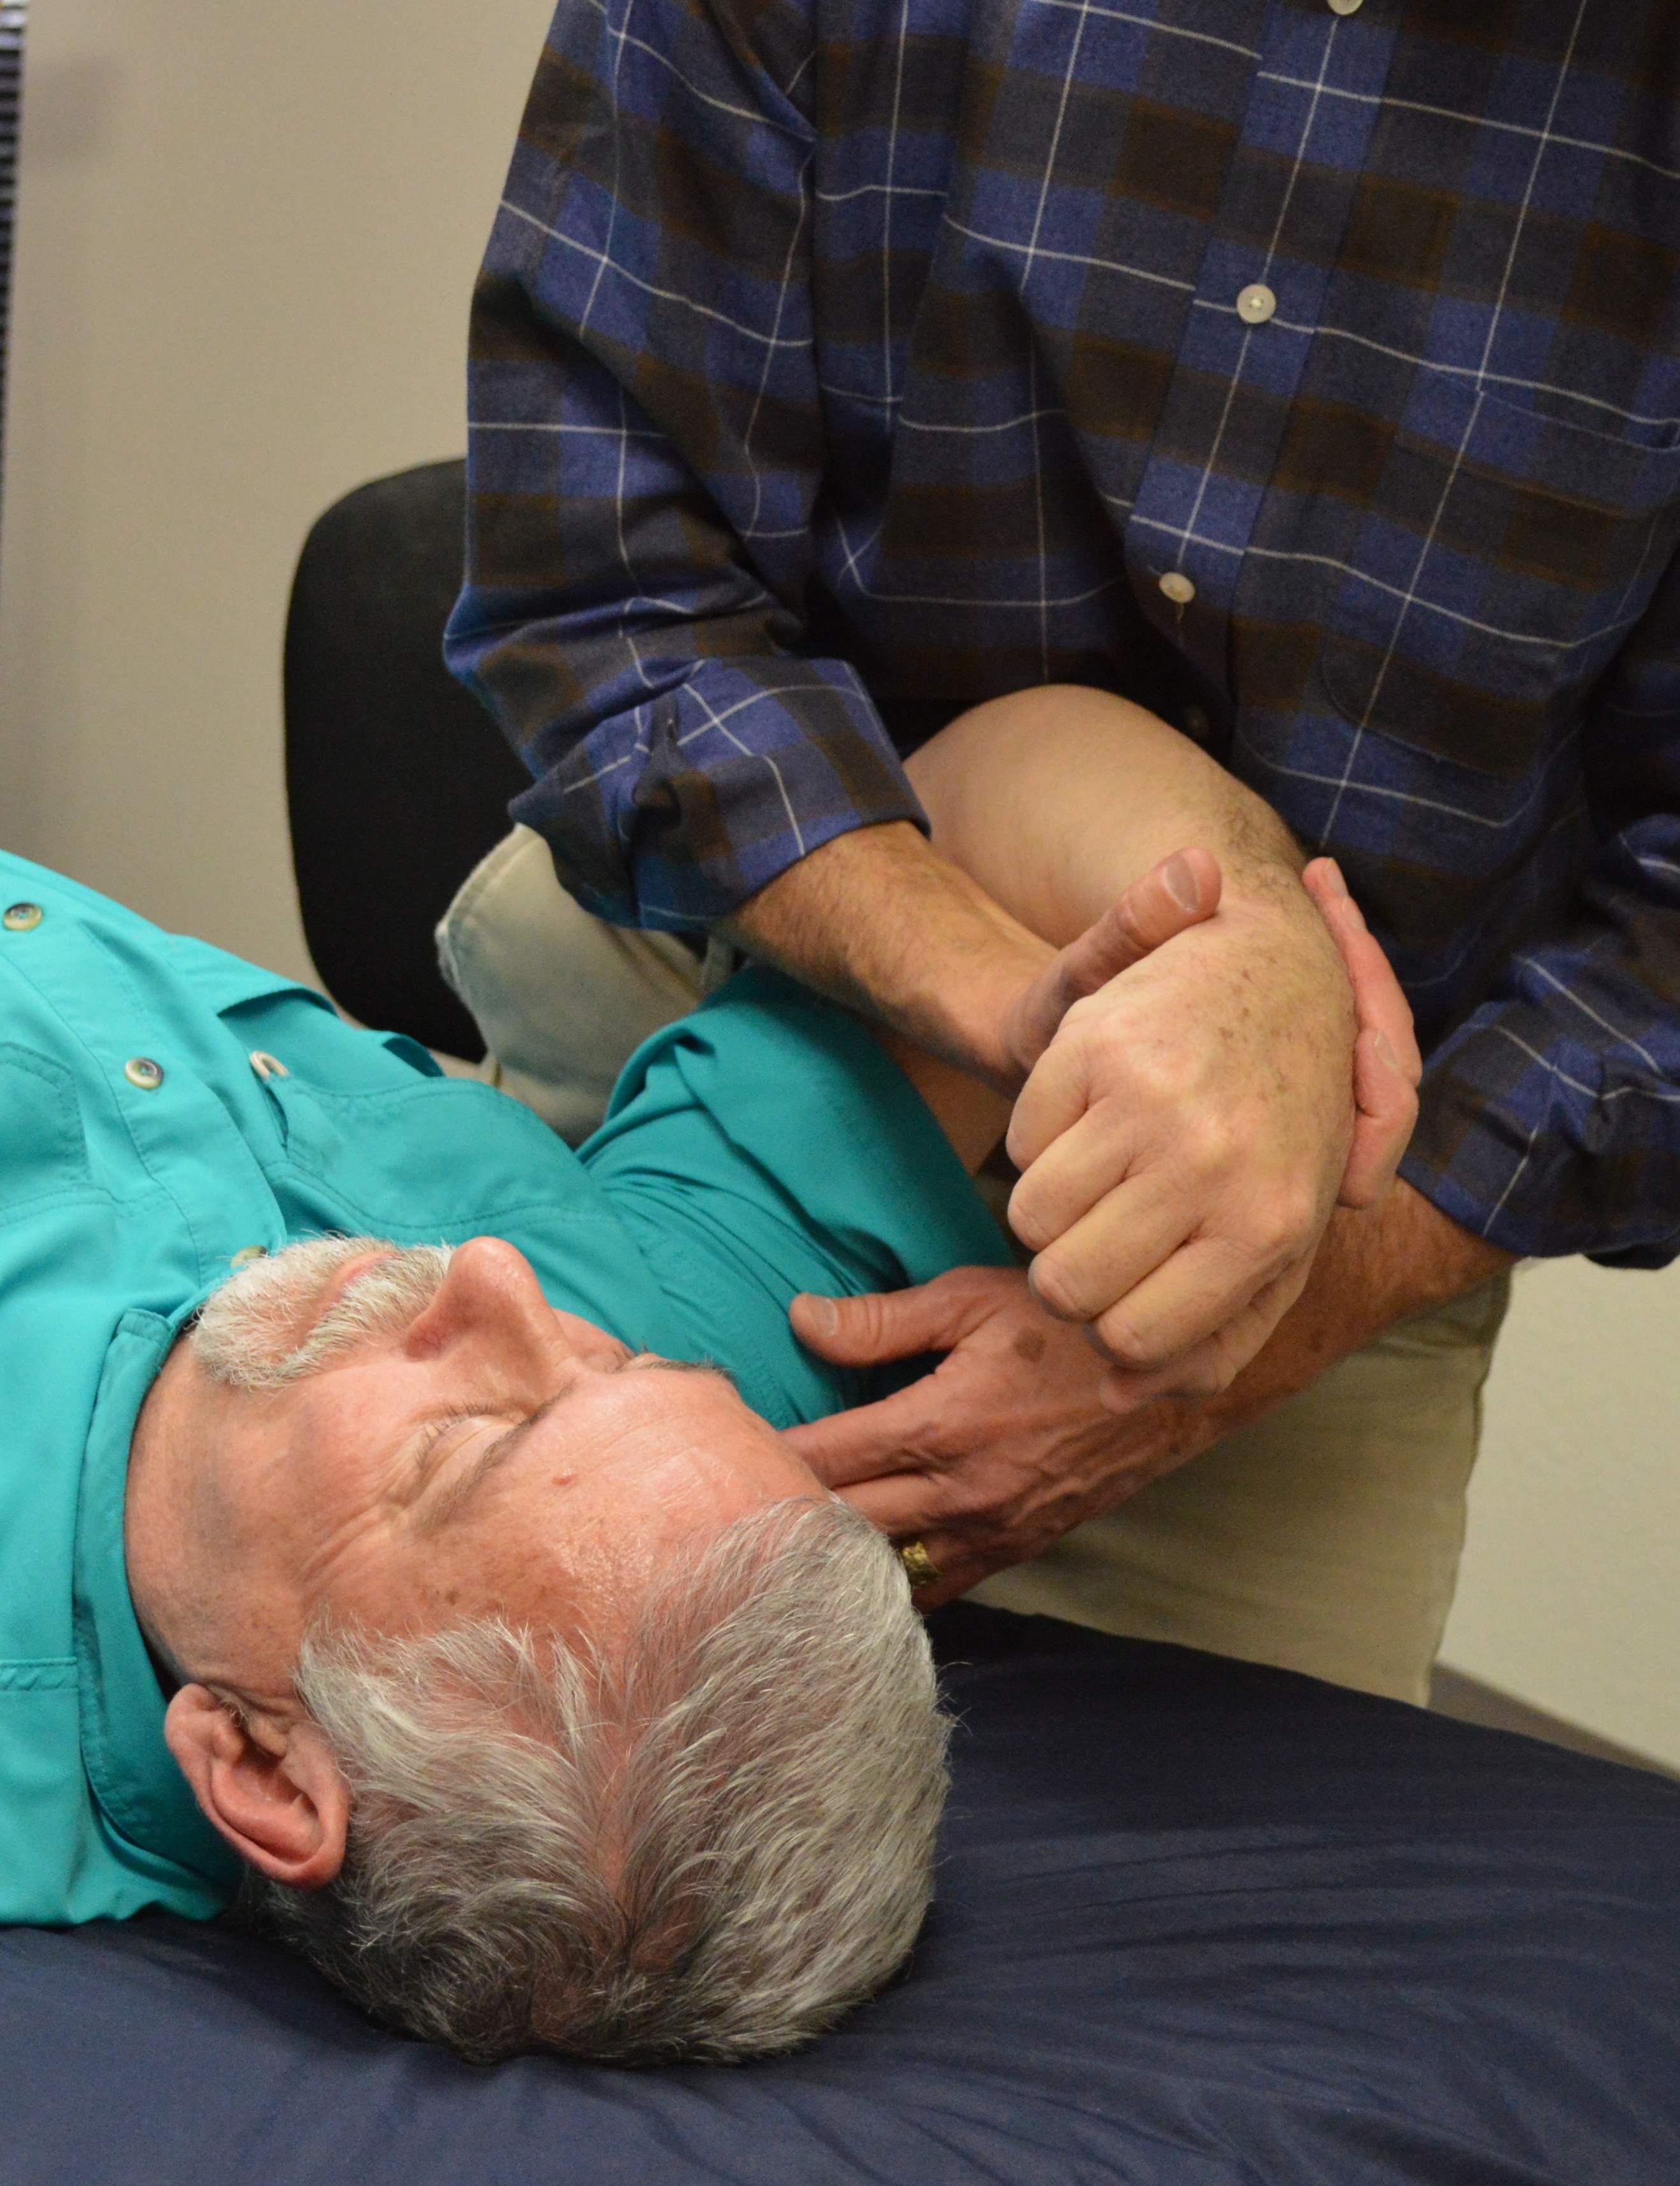 strain-counterstrain-pain-management-technique